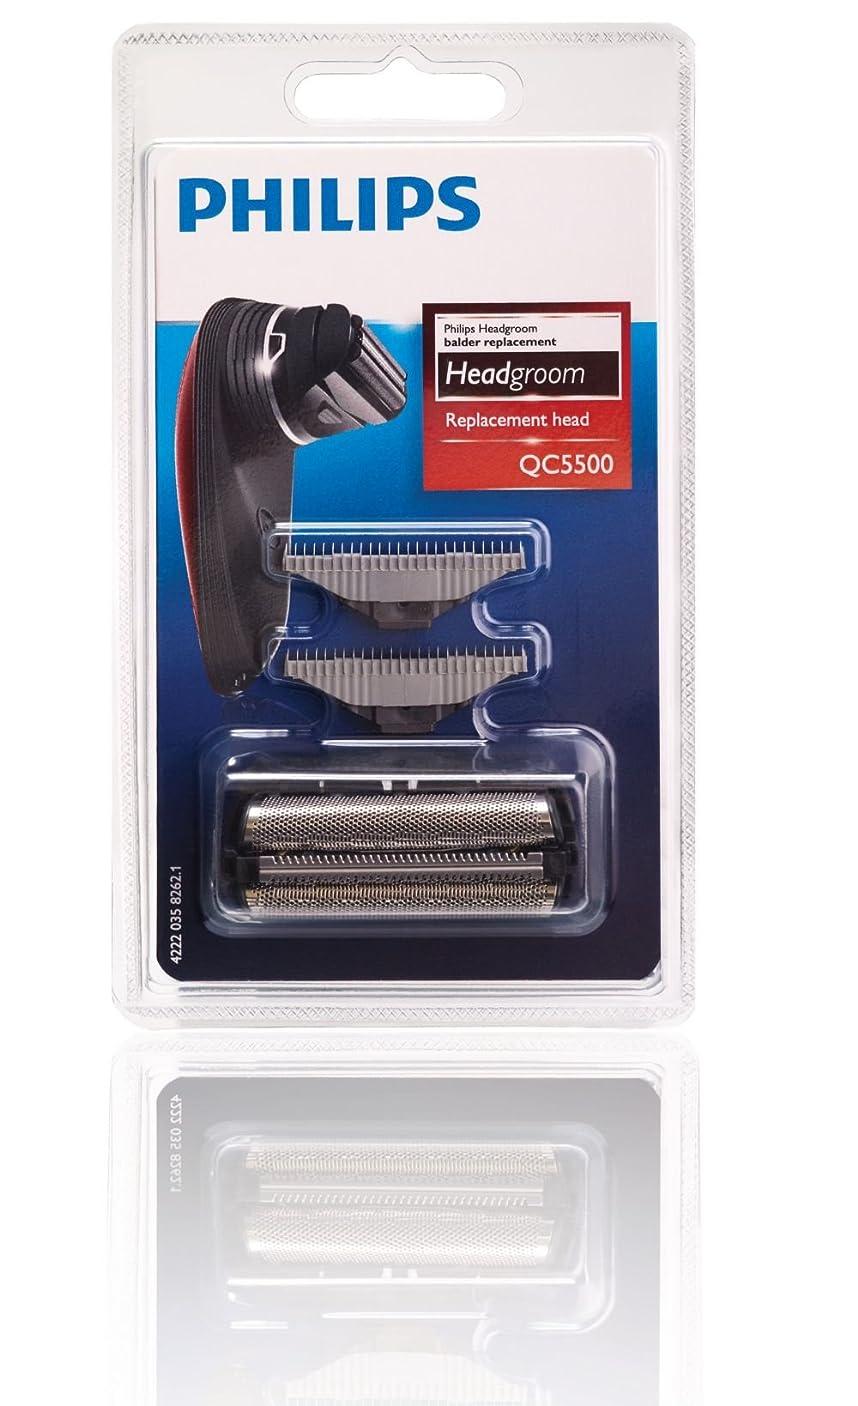 中絶チャーター誘惑フィリップス スタイルシェーバー替刃 QC5500